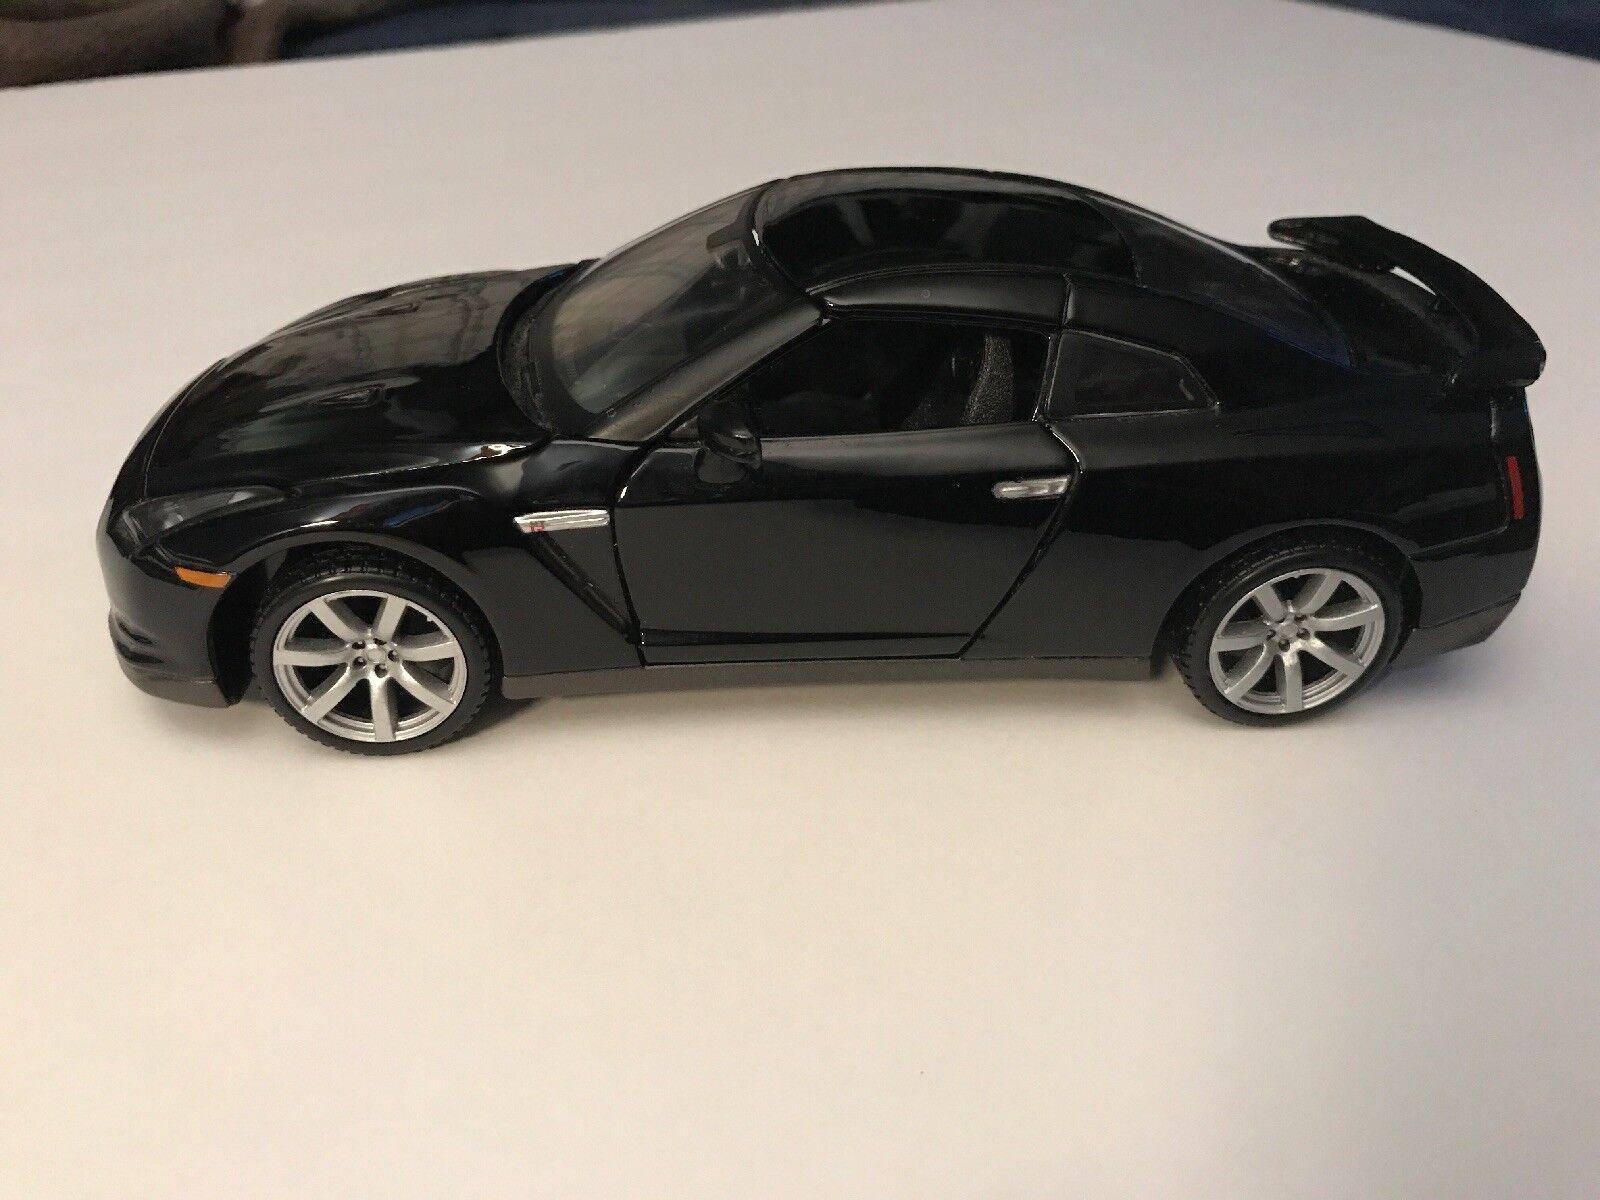 1 24 Scale 2009 Nissan GT-R Maisto